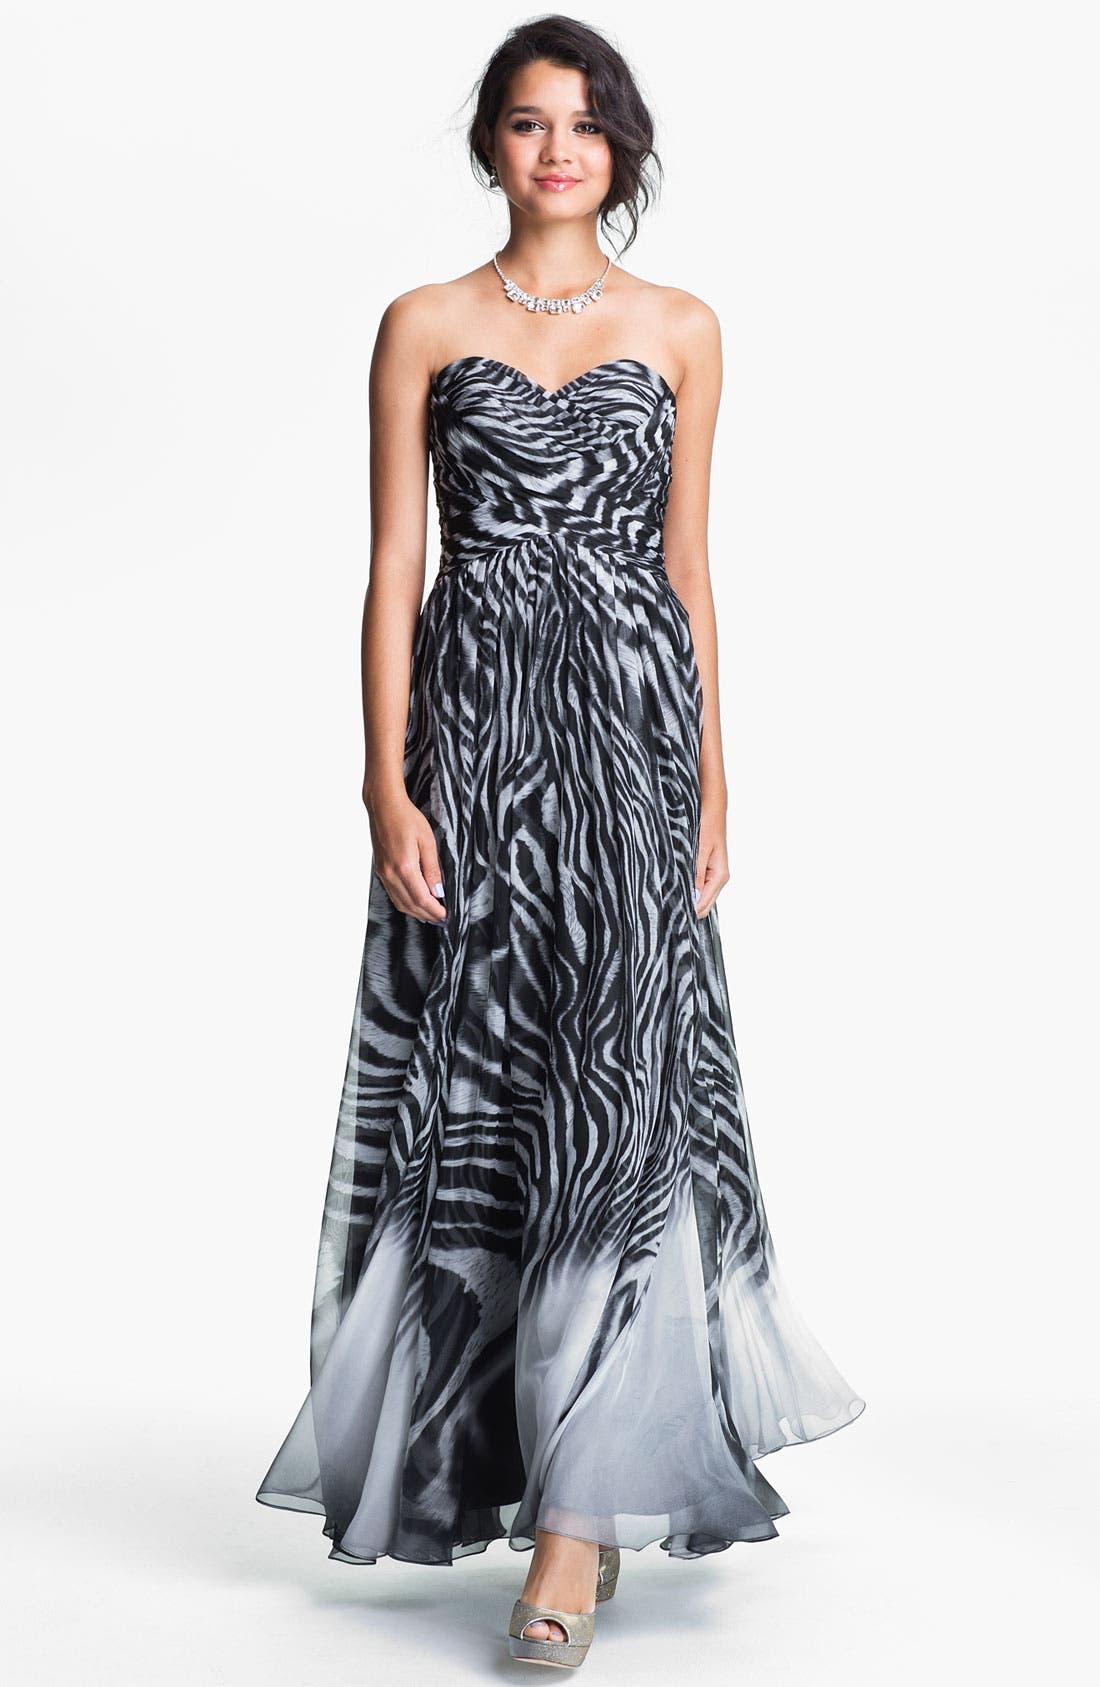 Main Image - La Femme Gown & Accessories